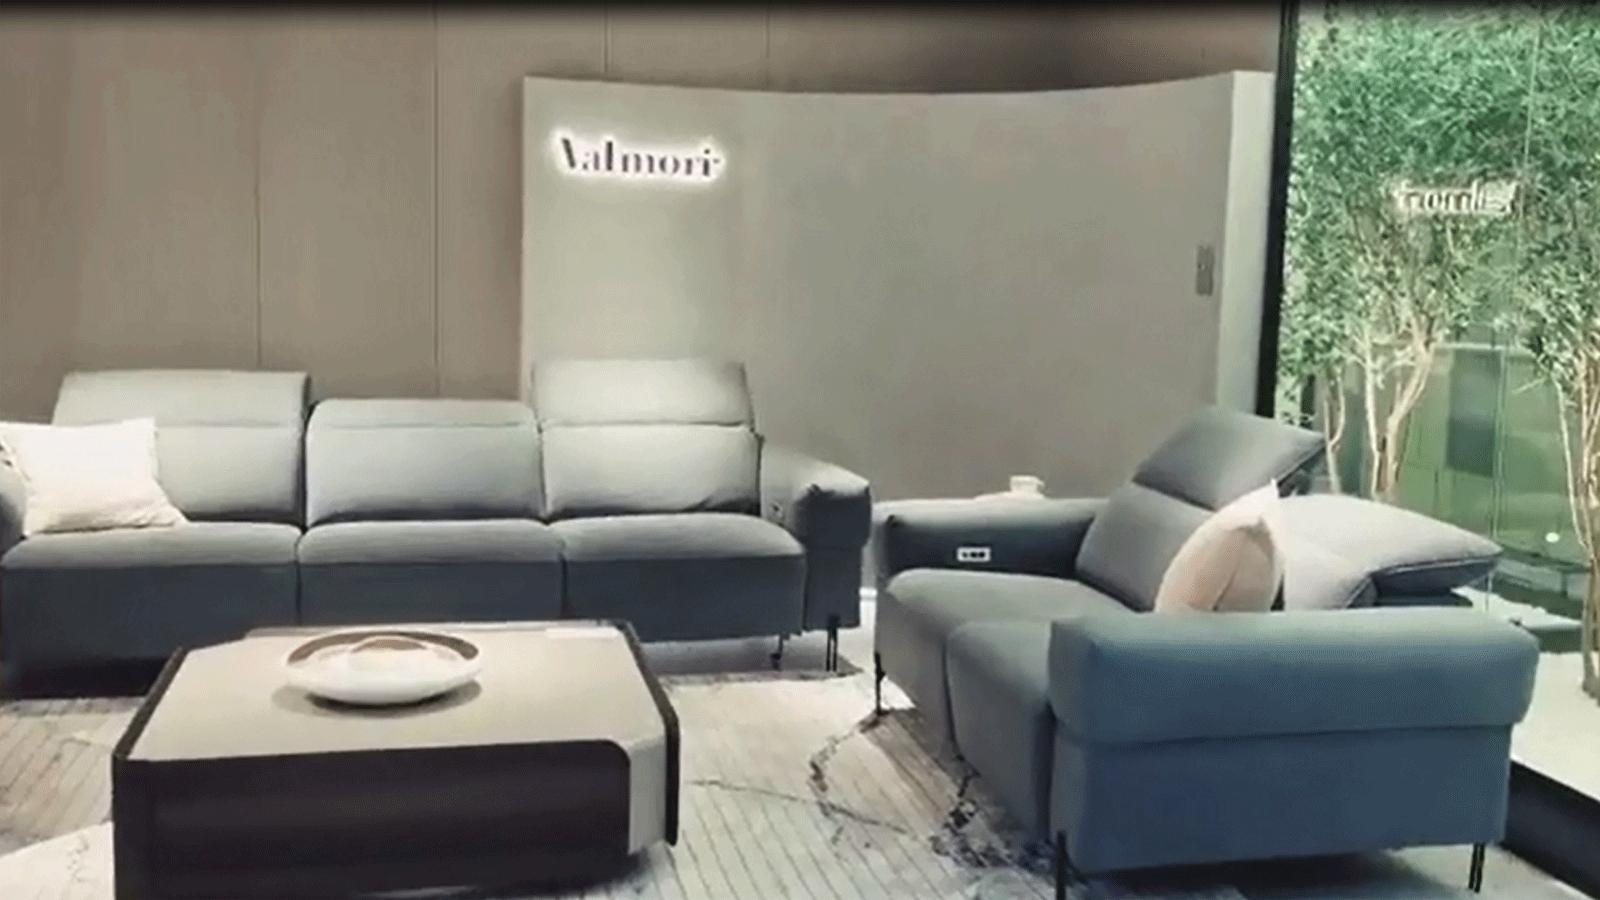 Valmori 瓦莫里苏州直营店